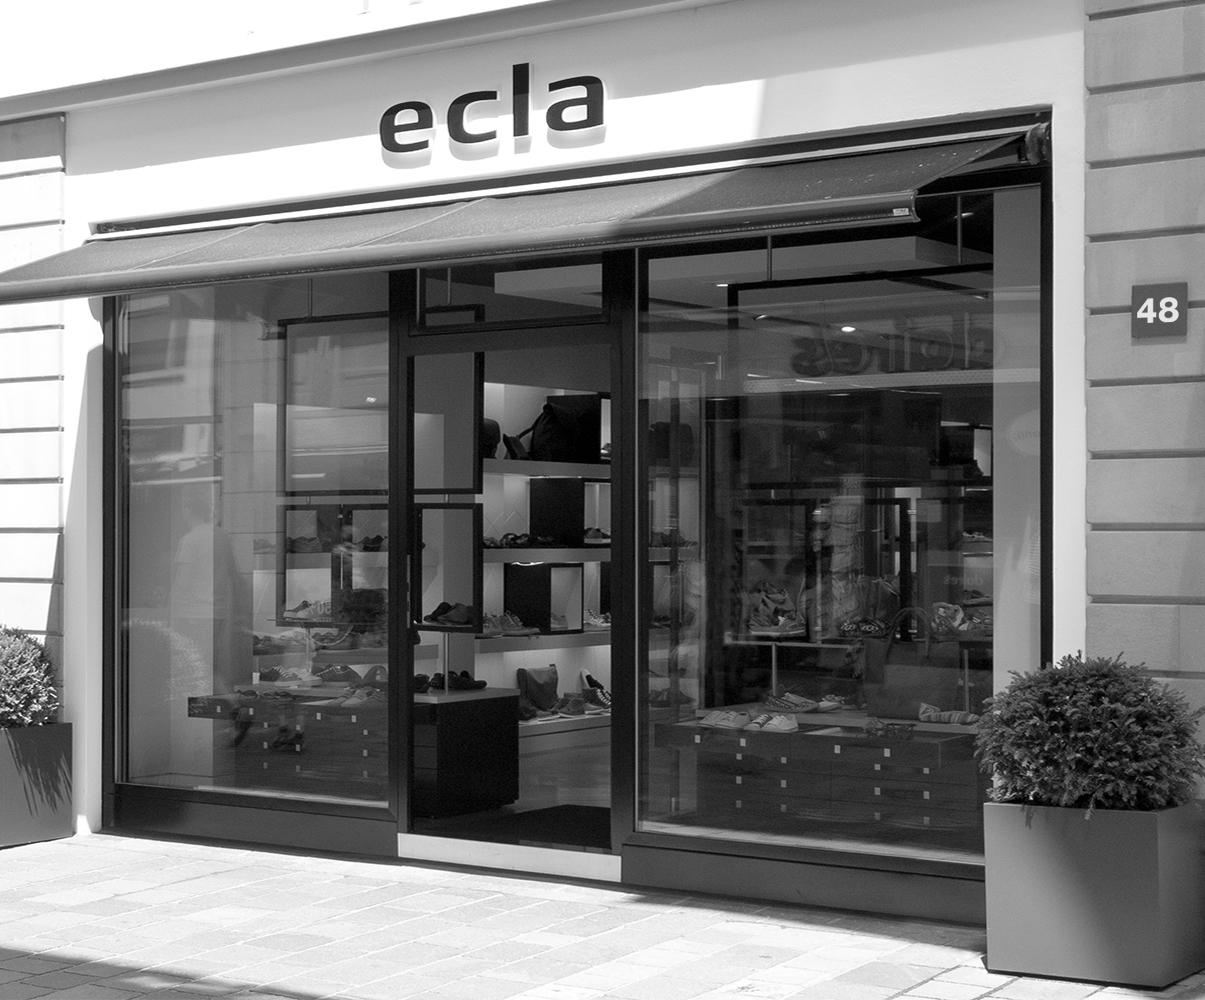 007 Pic Ecla